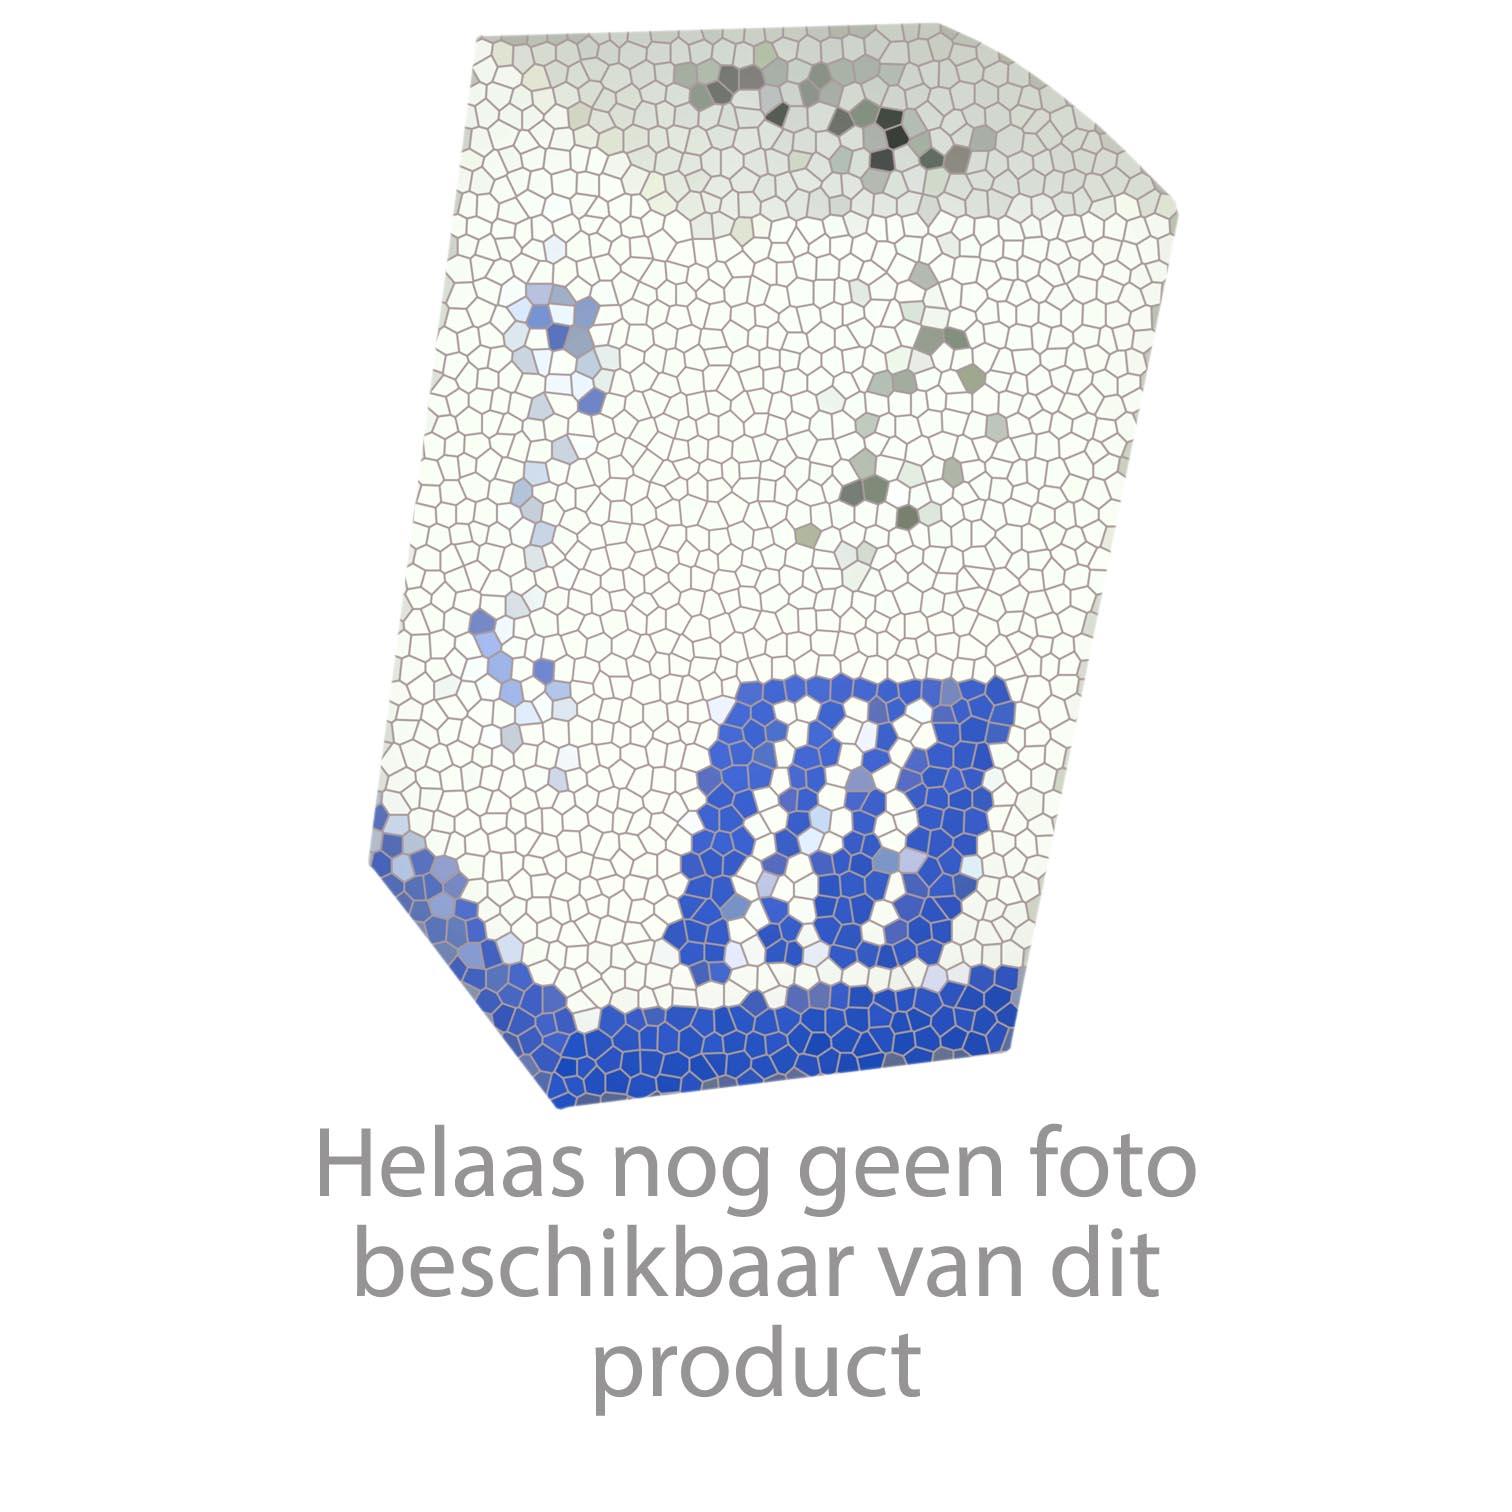 Doeco Monza Bladzeeppomp met 70 mm uitloop, inhoud: 250 ml. Montagegat:  28 mm. Maximale bladdikte: 60 mm Chroom